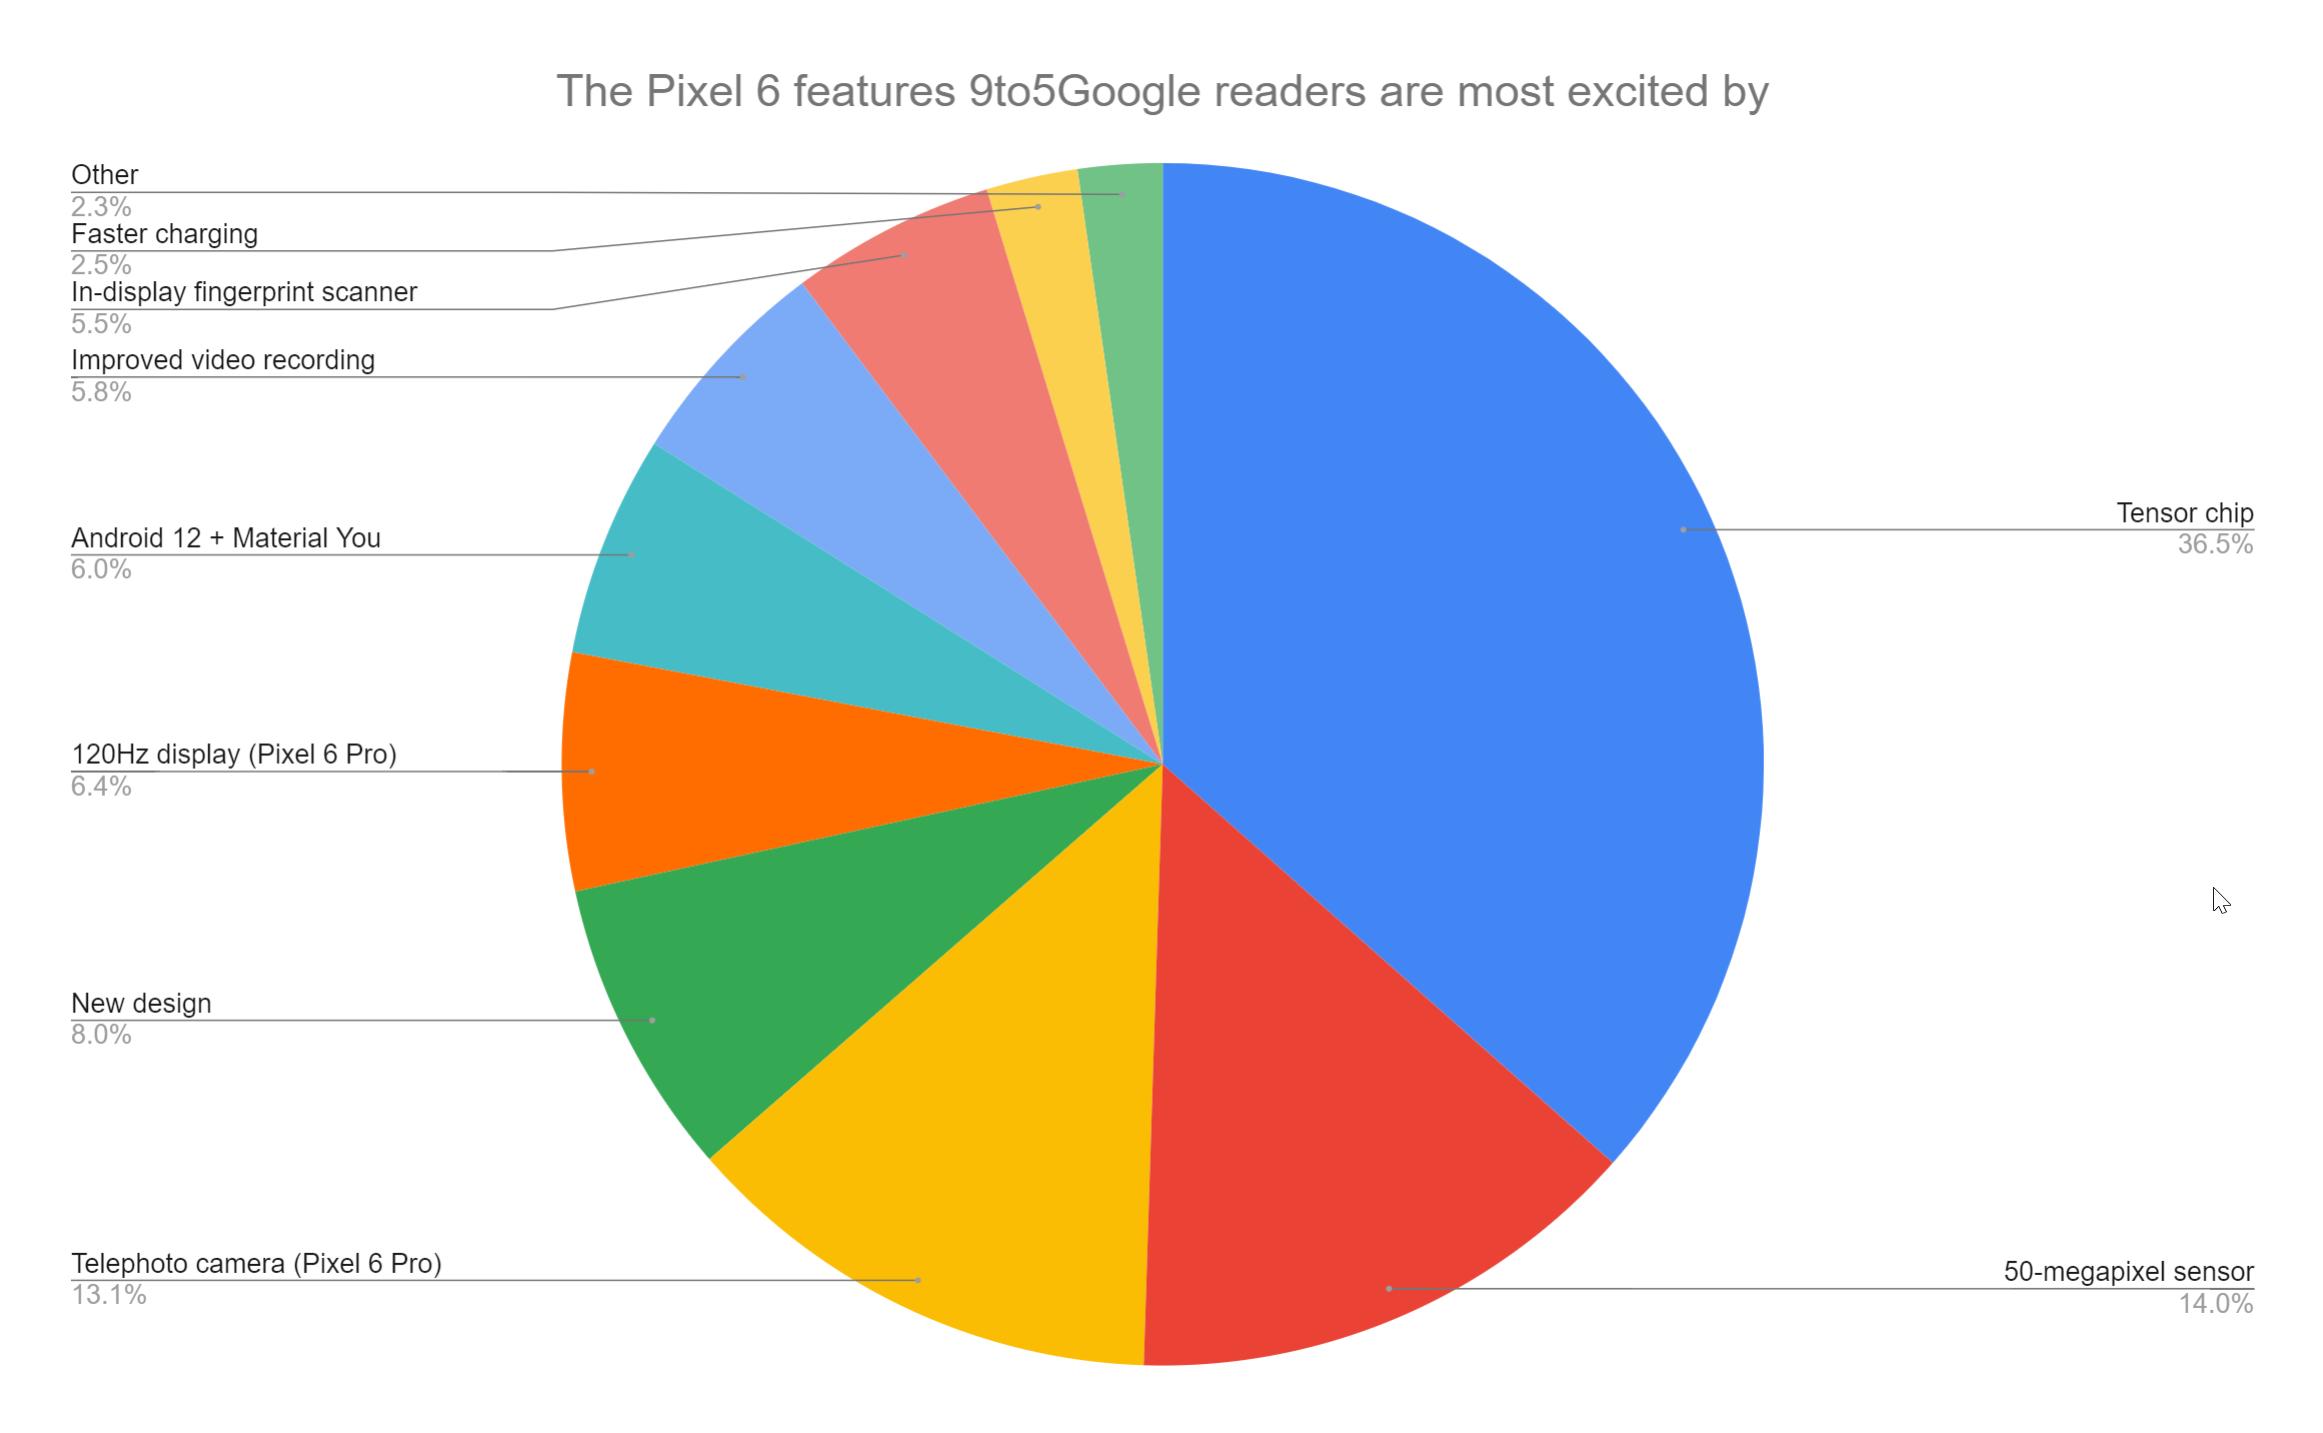 Cuadro que muestra qué característica de Pixel 6 9to5 esperan más los lectores de Google.  - Chip tensor:  36,5% - Sensor de 50 megapíxeles - 14,0% - Cámara telefoto (Pixel 6 Pro).  13,1% - Nuevo diseño.  8.0% - Pantalla de 120Hz (Pixel 6 Pro): 6.4% - Android 12 + Elementos: 6.0% - Grabación de video mejorada: 5.8% - Escáner de huellas dactilares: 5.5% - Carga más rápida: 2.5% - Otros: 2.3%